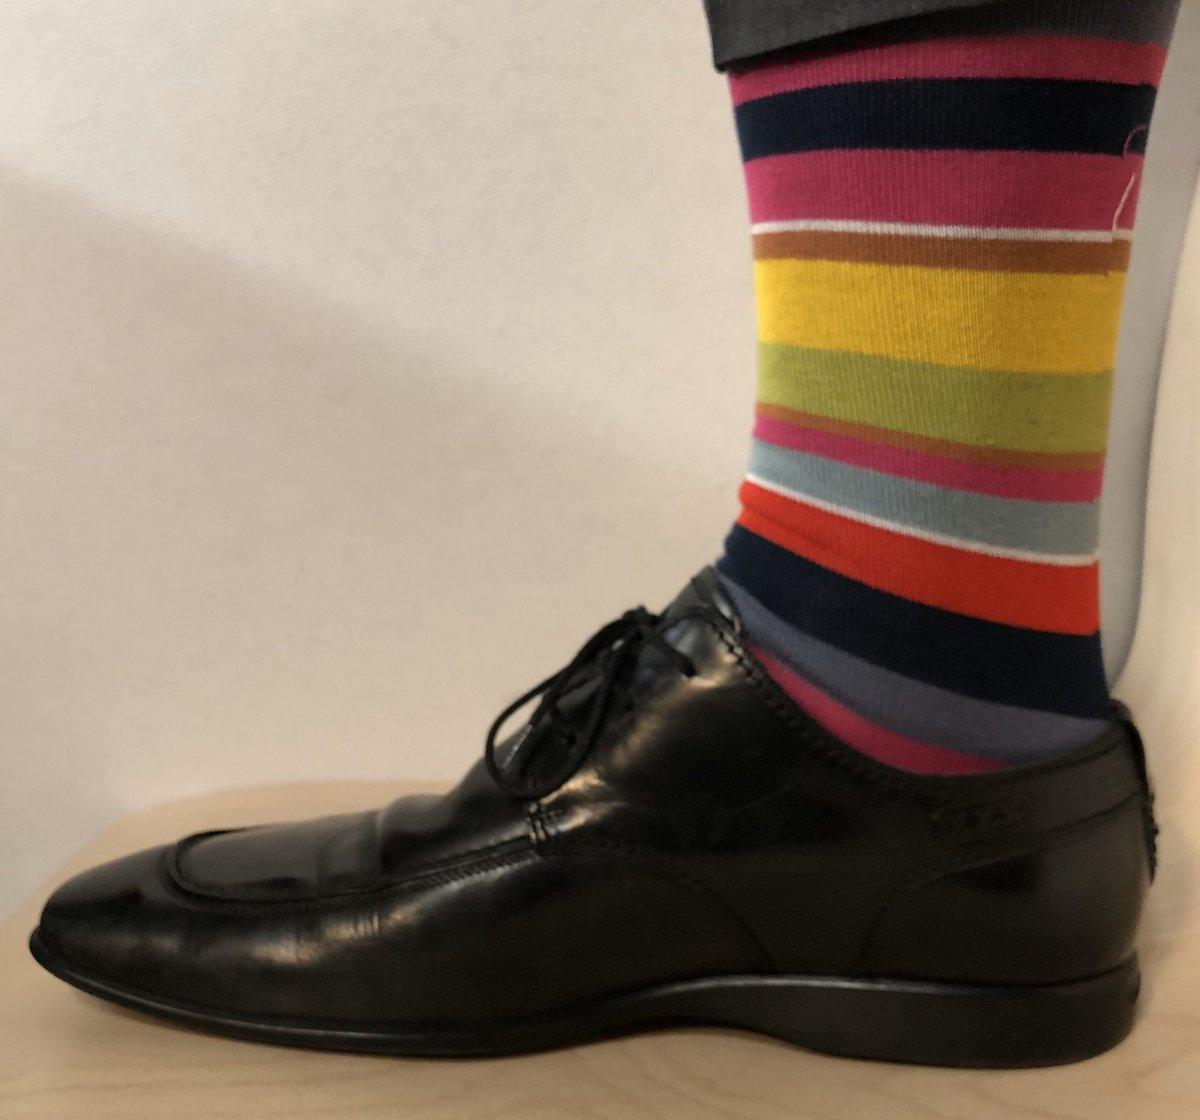 Les comparto #Losdehoy #jueves #socks #lopezdoriga #joaquin #INCLUSION